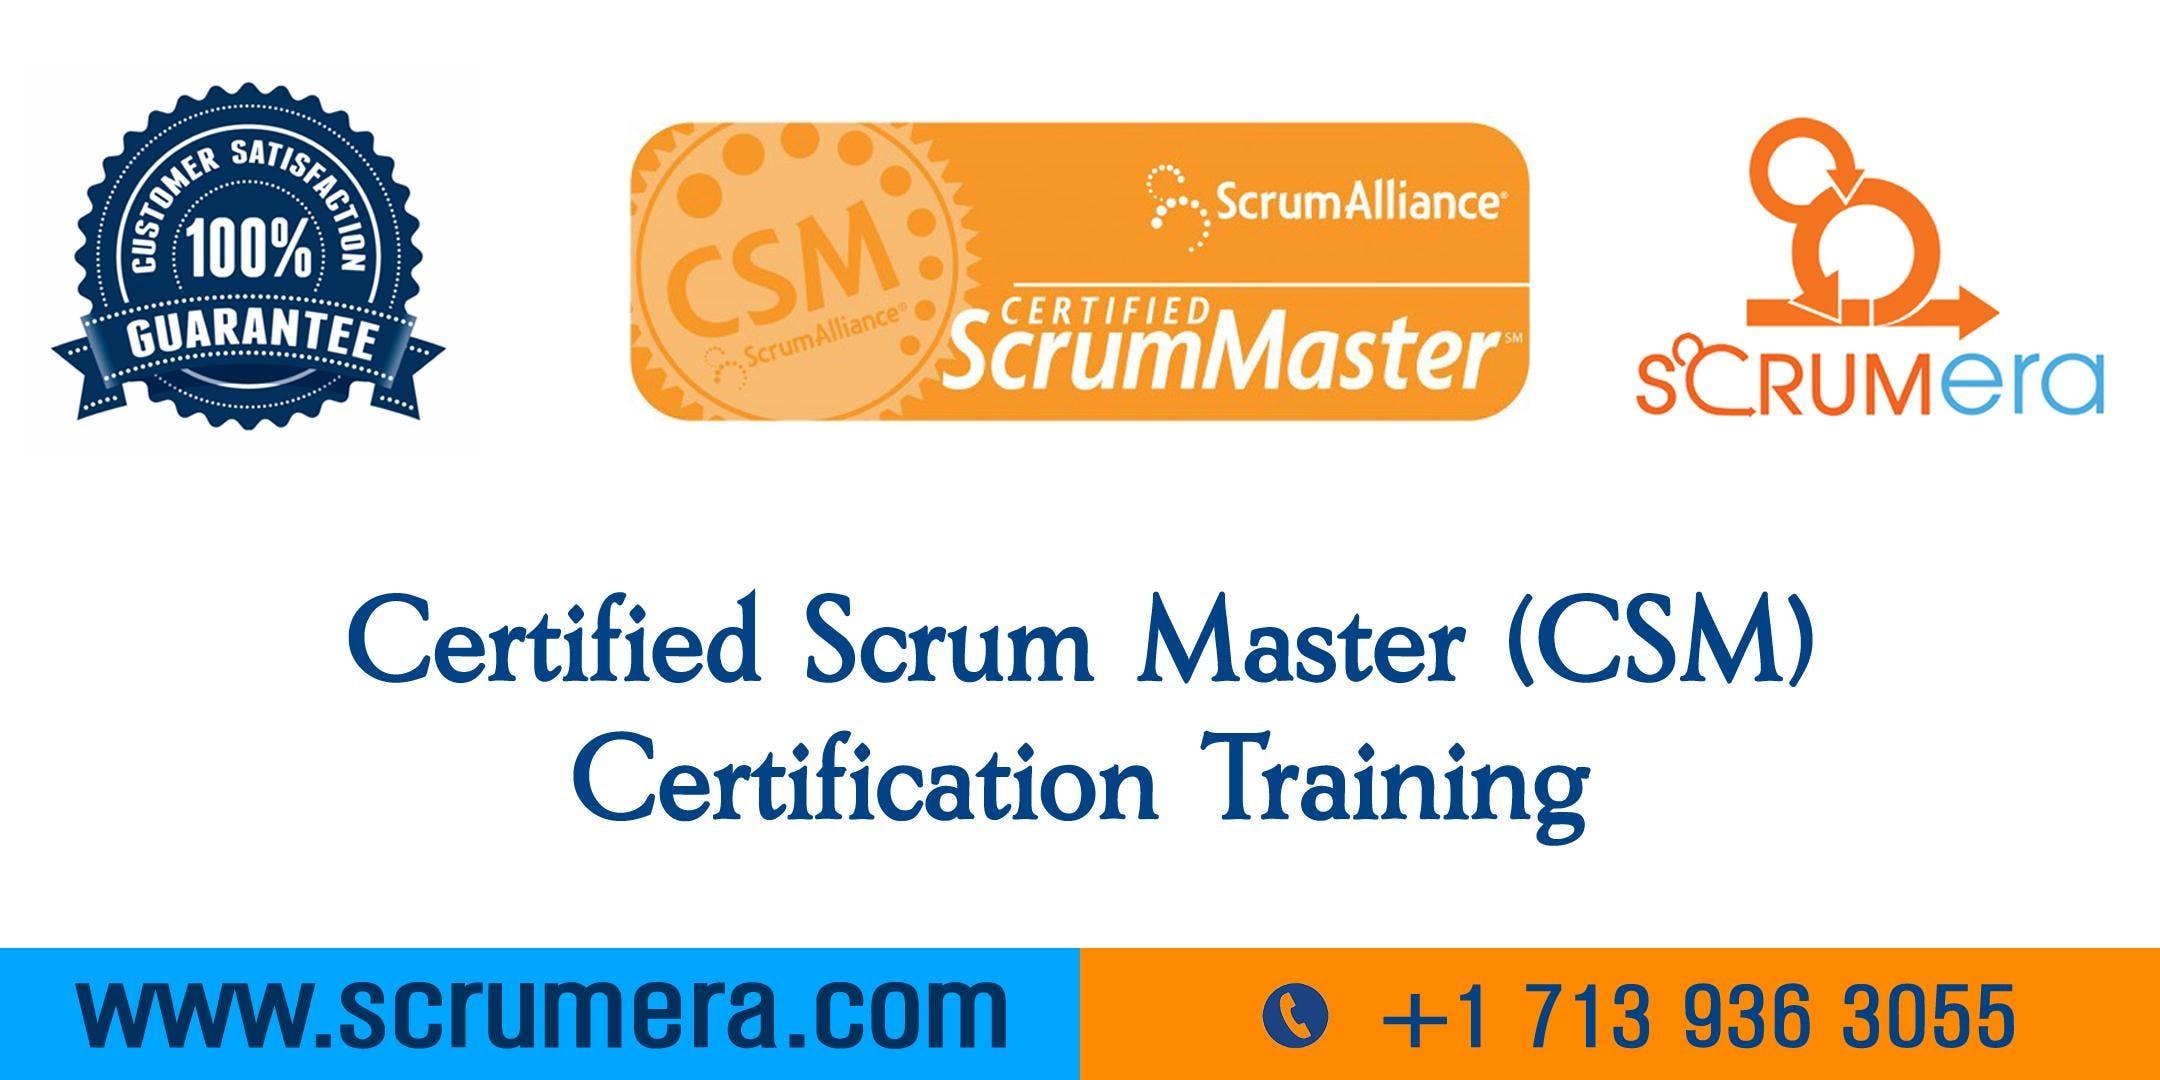 Scrum Master Certification | CSM Training | CSM Certification Workshop | Certified Scrum Master (CSM) Training in Washington, DC | ScrumERA